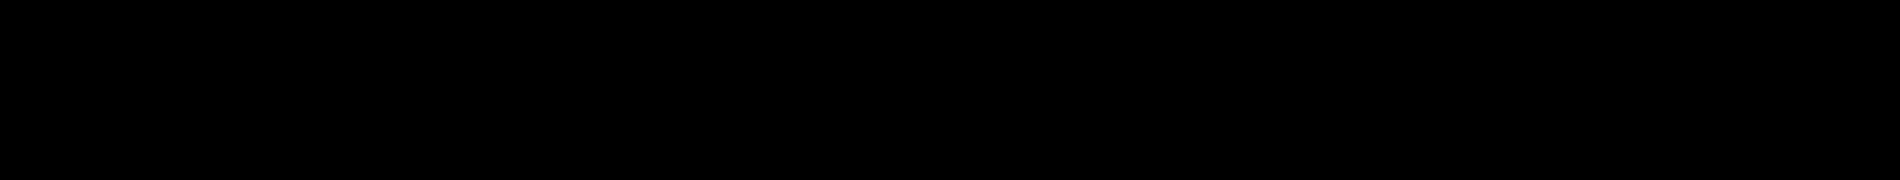 content-creators-logo-01